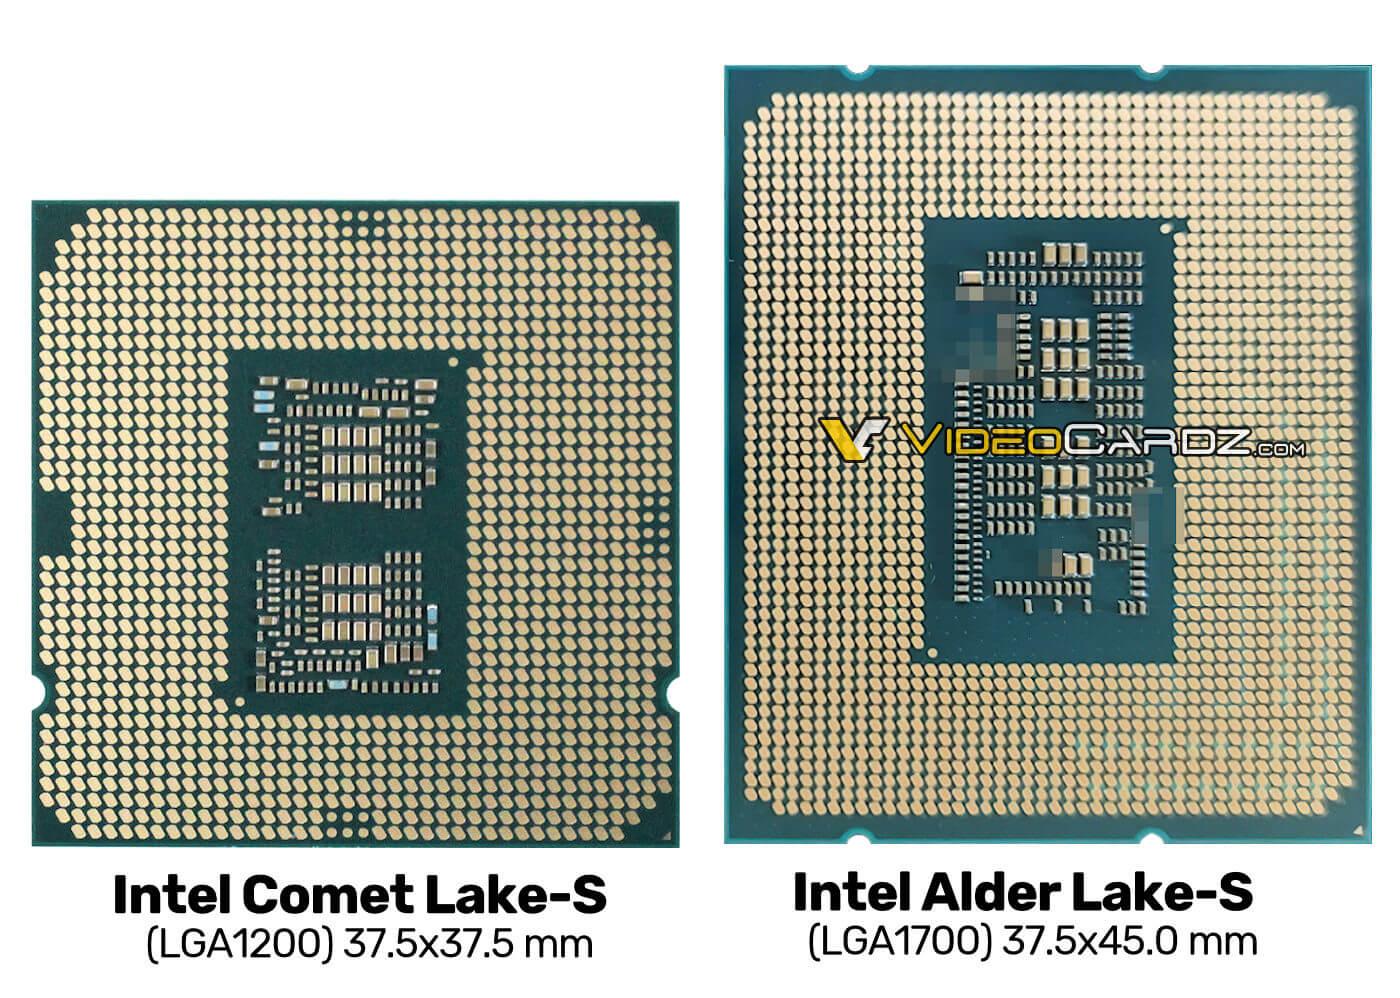 Intel Alder Lake-S chipset close up